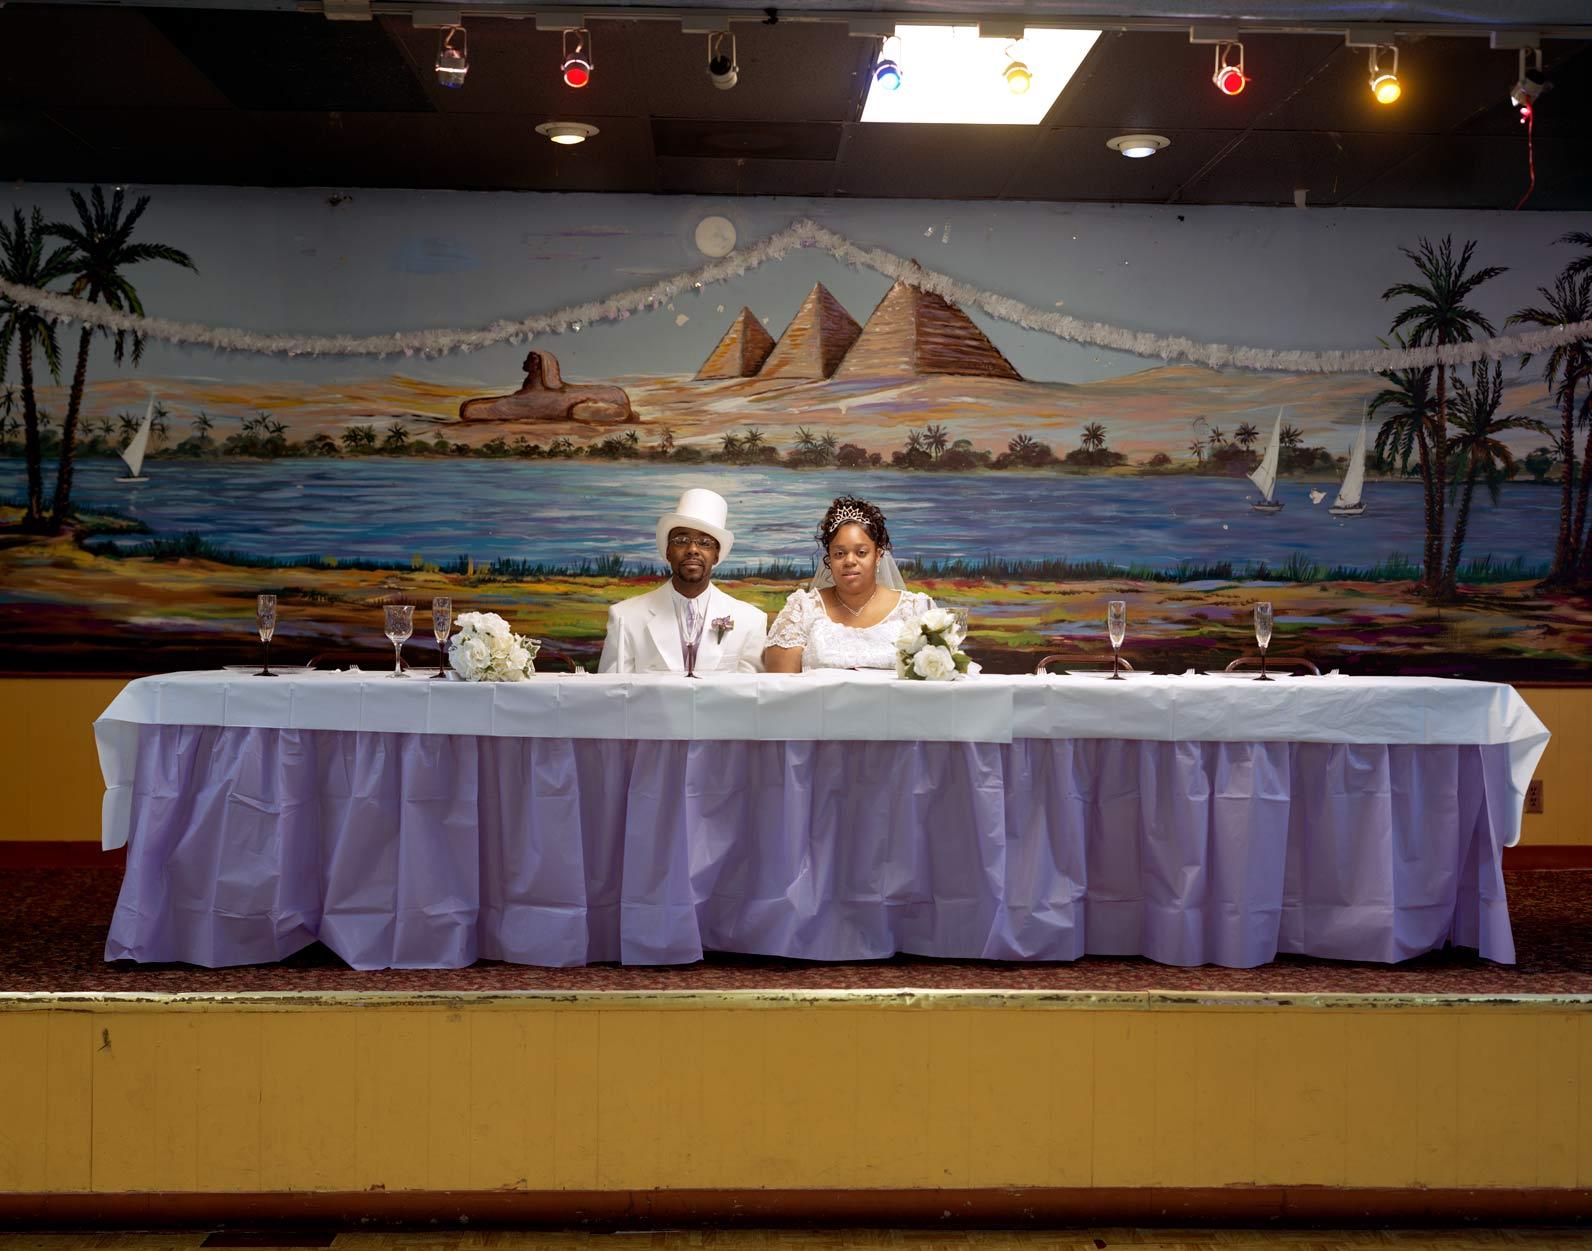 Michael and Dominique, Dearborn, MI, 2008